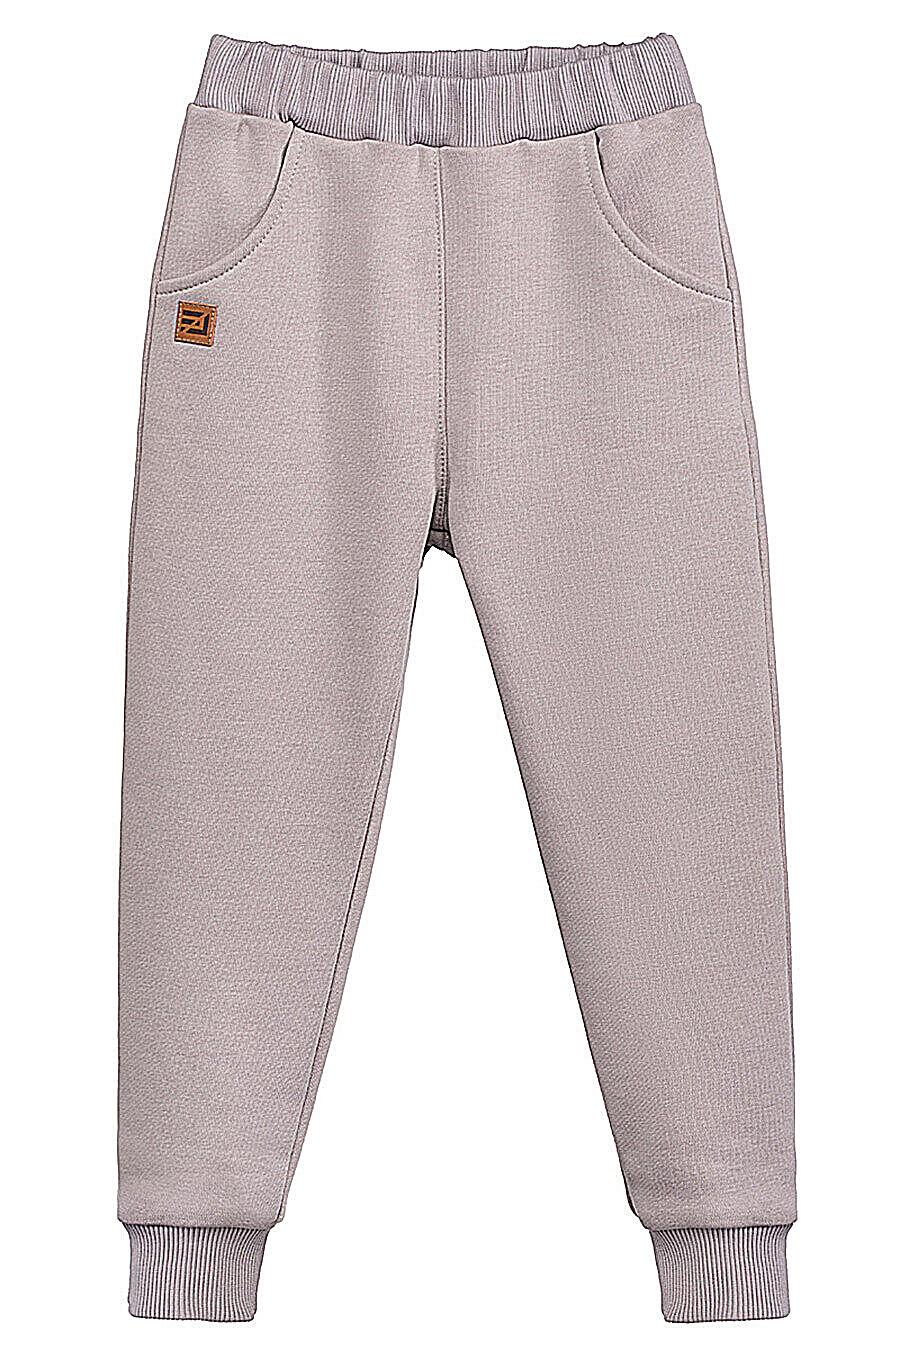 Костюм(Худи+Брюки) для девочек EZANNA 699975 купить оптом от производителя. Совместная покупка детской одежды в OptMoyo